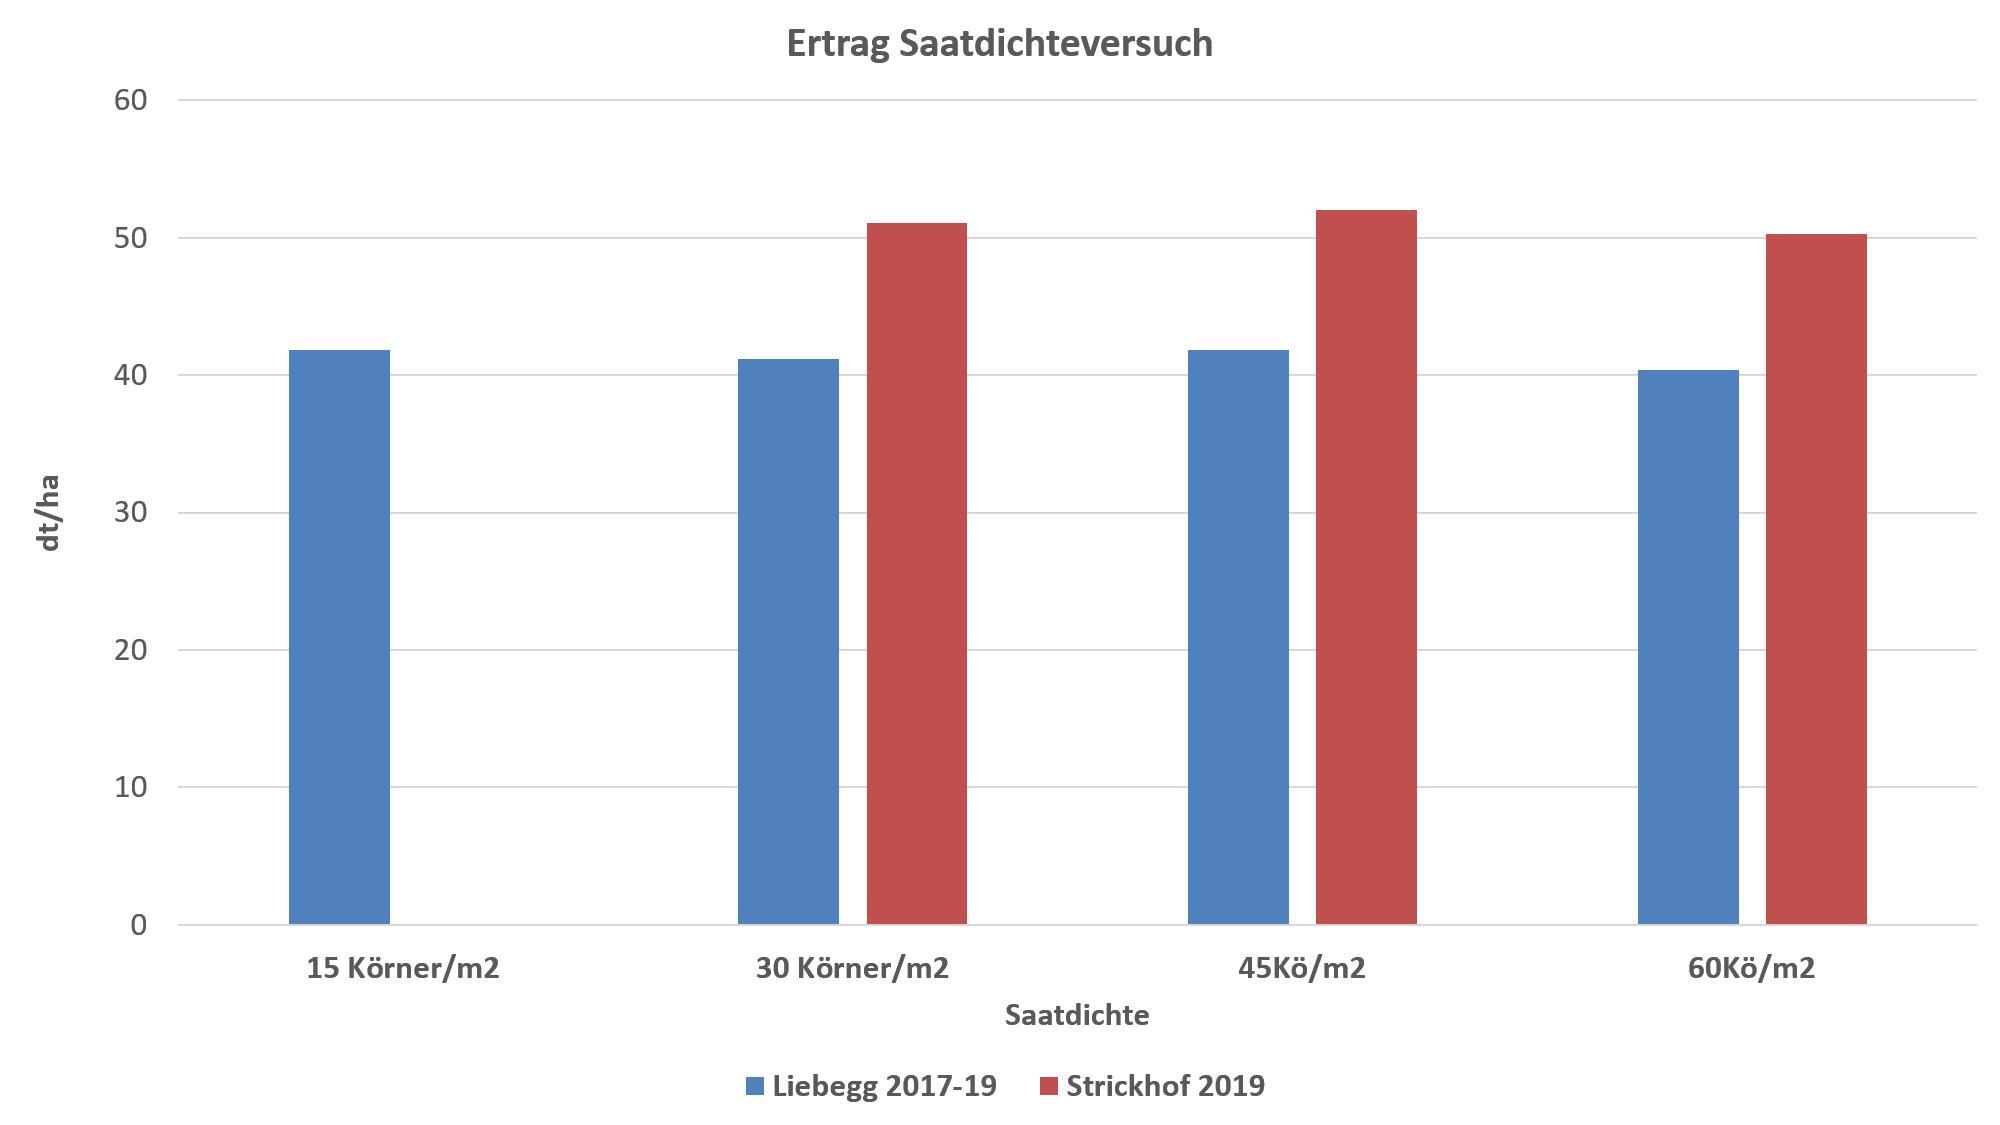 Abbildung 1: Erträge bei 6% Feuchtigkeit je Saatdichte von AG (2 Standorte 2017-2019) und ZH (1 Standort 2019).